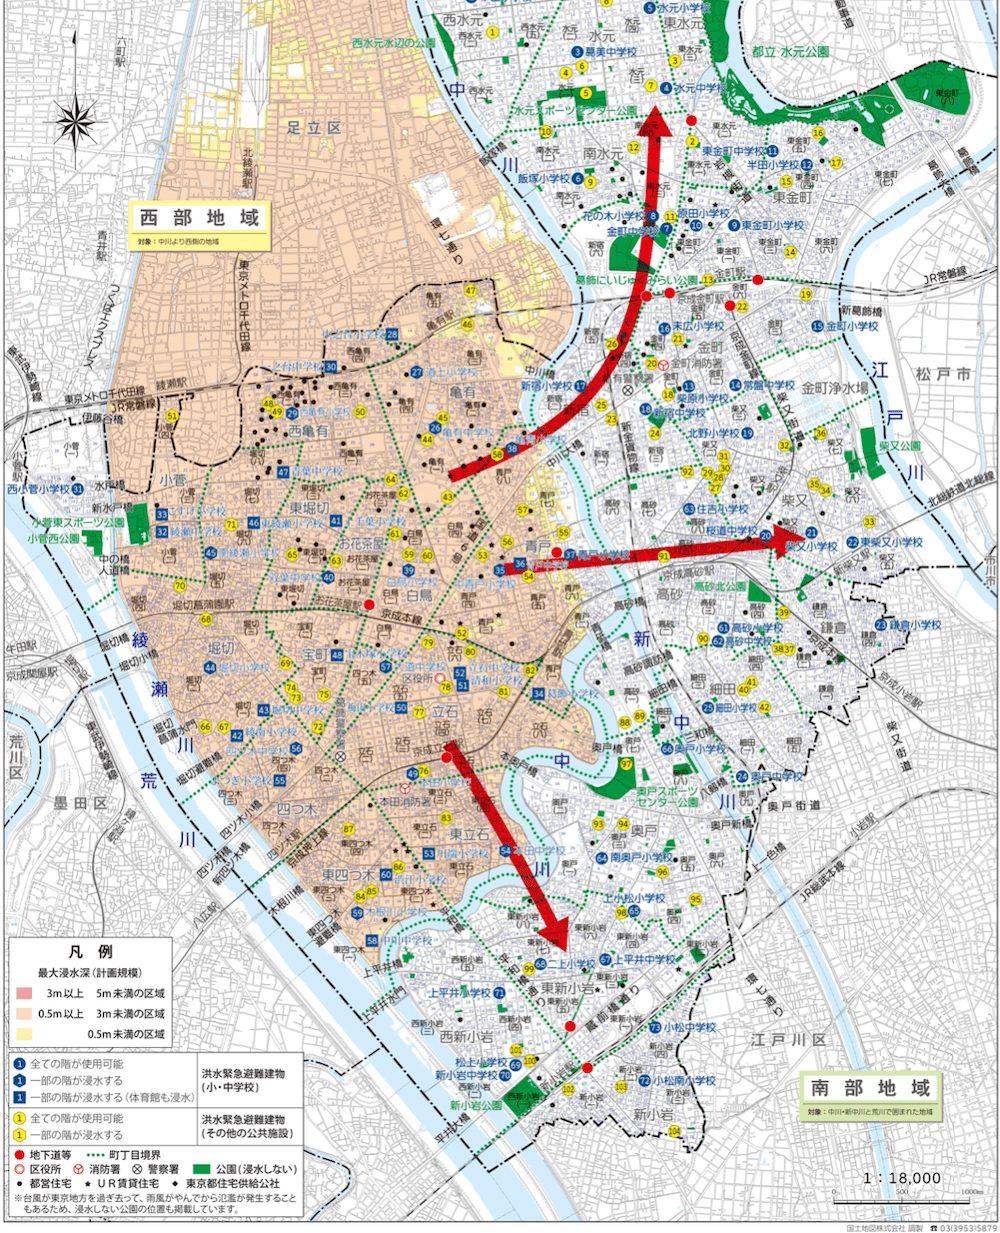 中川浸水時の葛飾区のハザードマップ